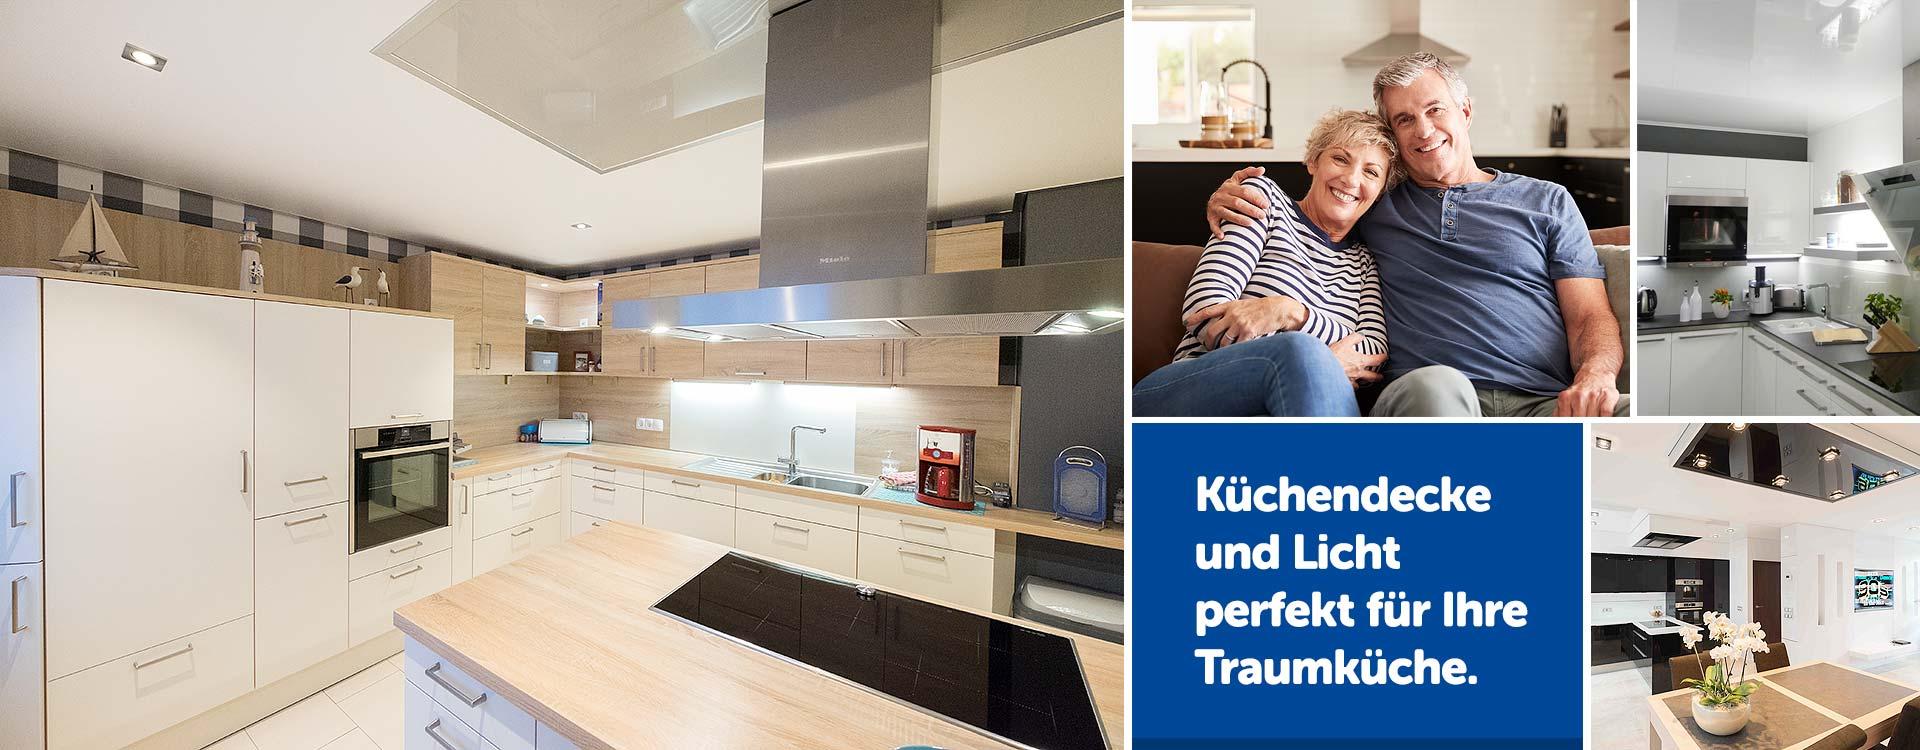 PLAMECO Küchendecke renovieren - Spanndecken in der Küche